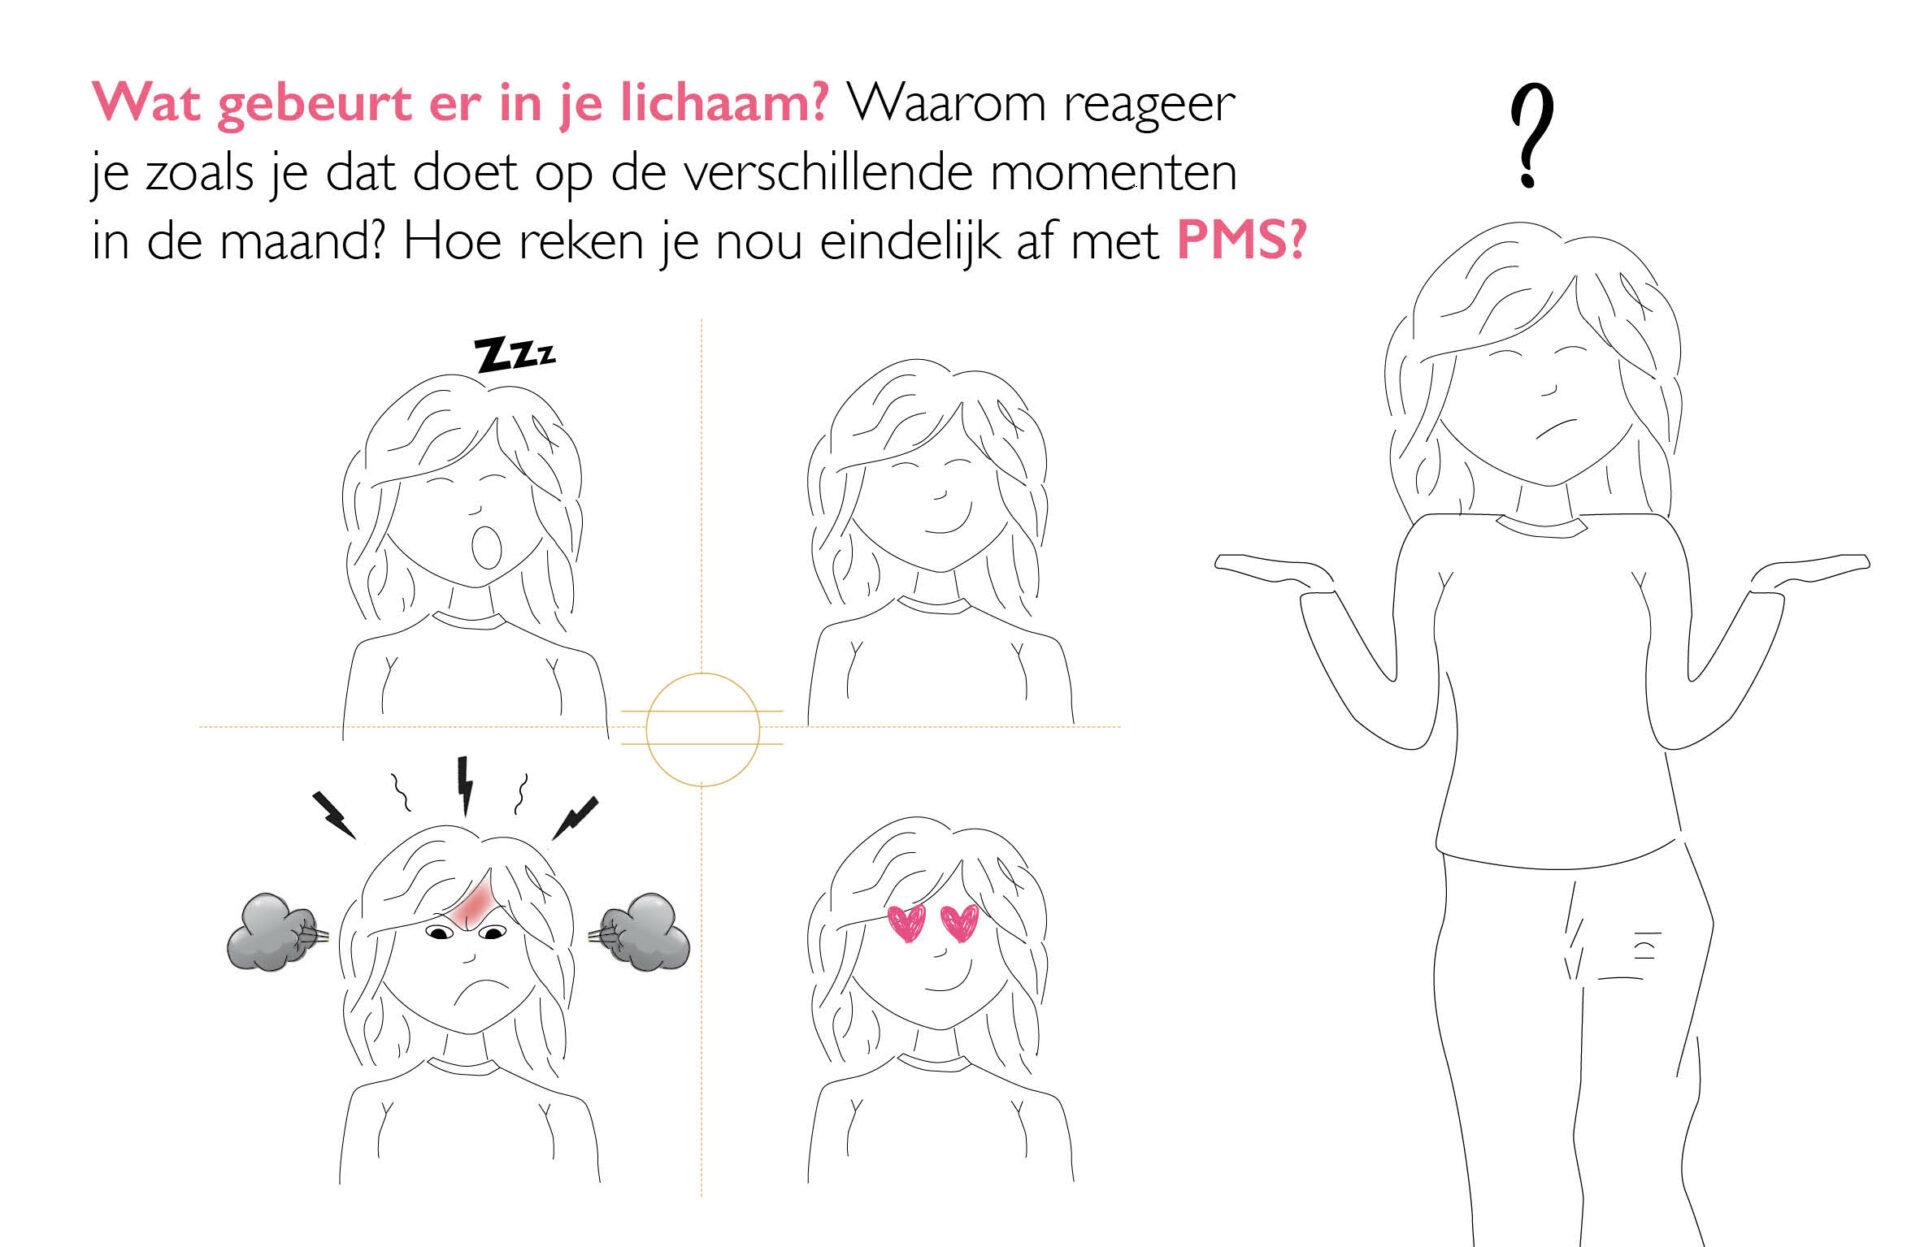 www.vangrijzemistnaarrozewolk.nl